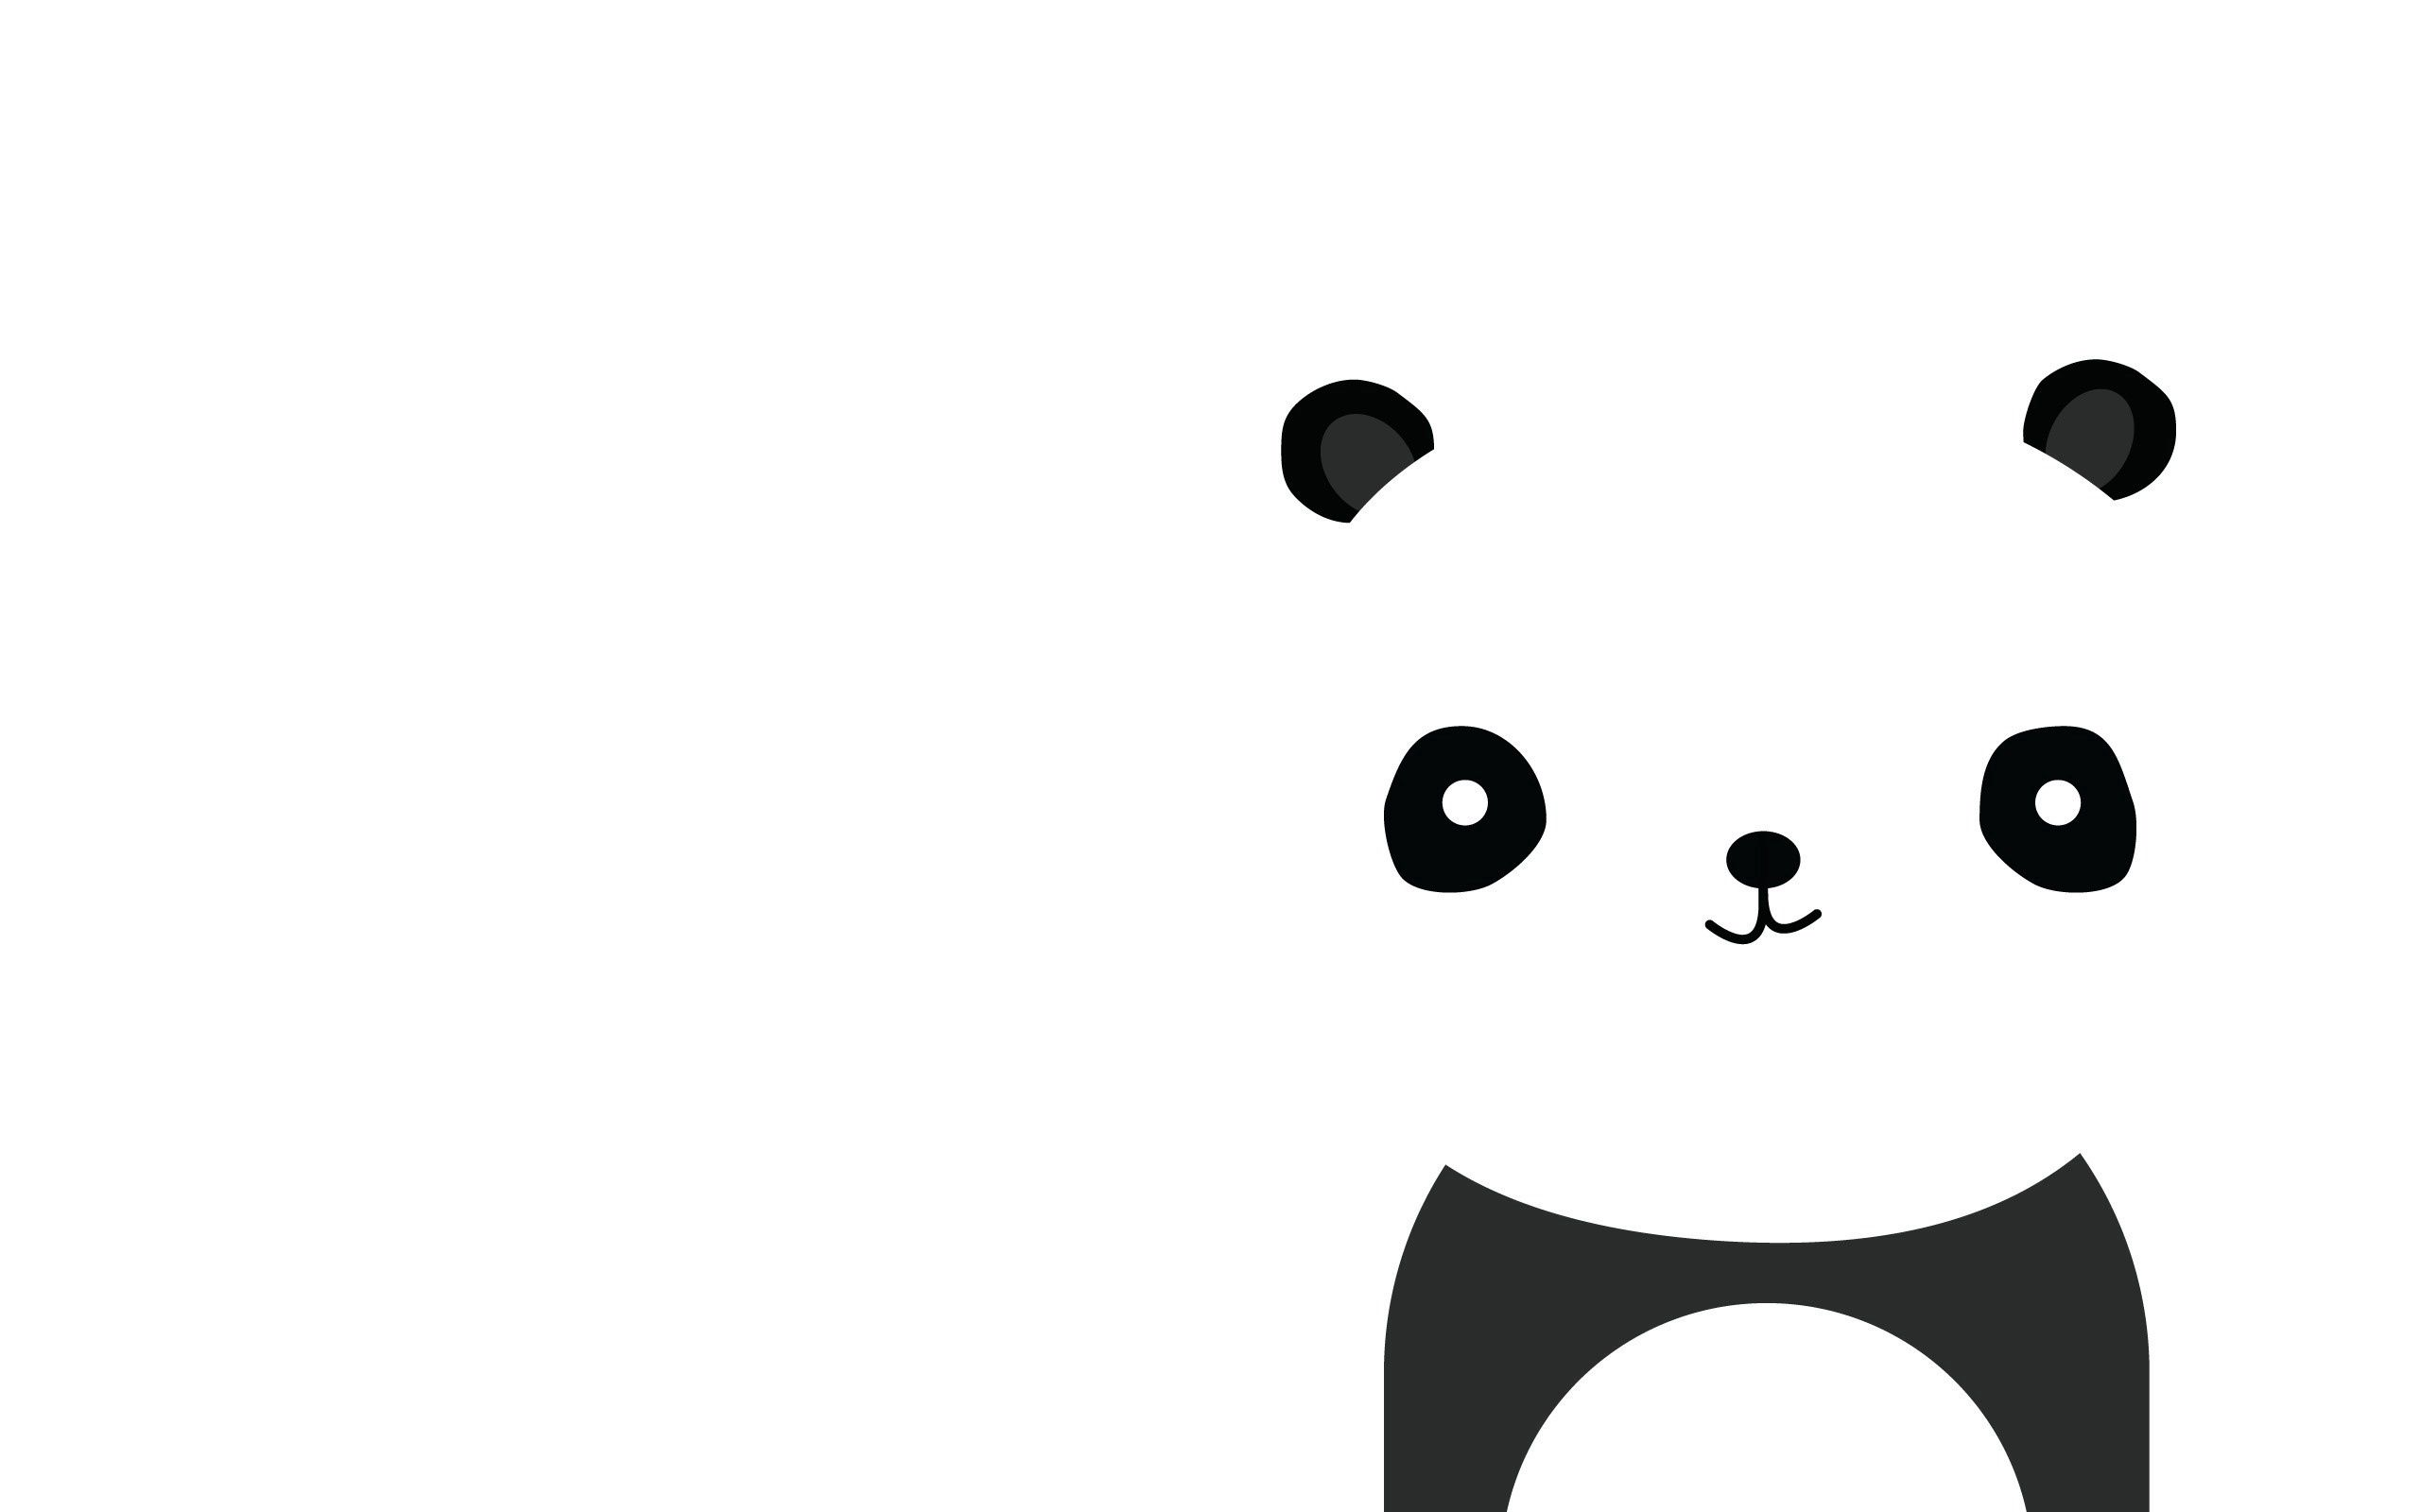 103822 descarga Blanco fondos de pantalla para tu teléfono gratis, Minimalismo, Panda, Sonrisa, Sonreír, El Negro Blanco imágenes y protectores de pantalla para tu teléfono